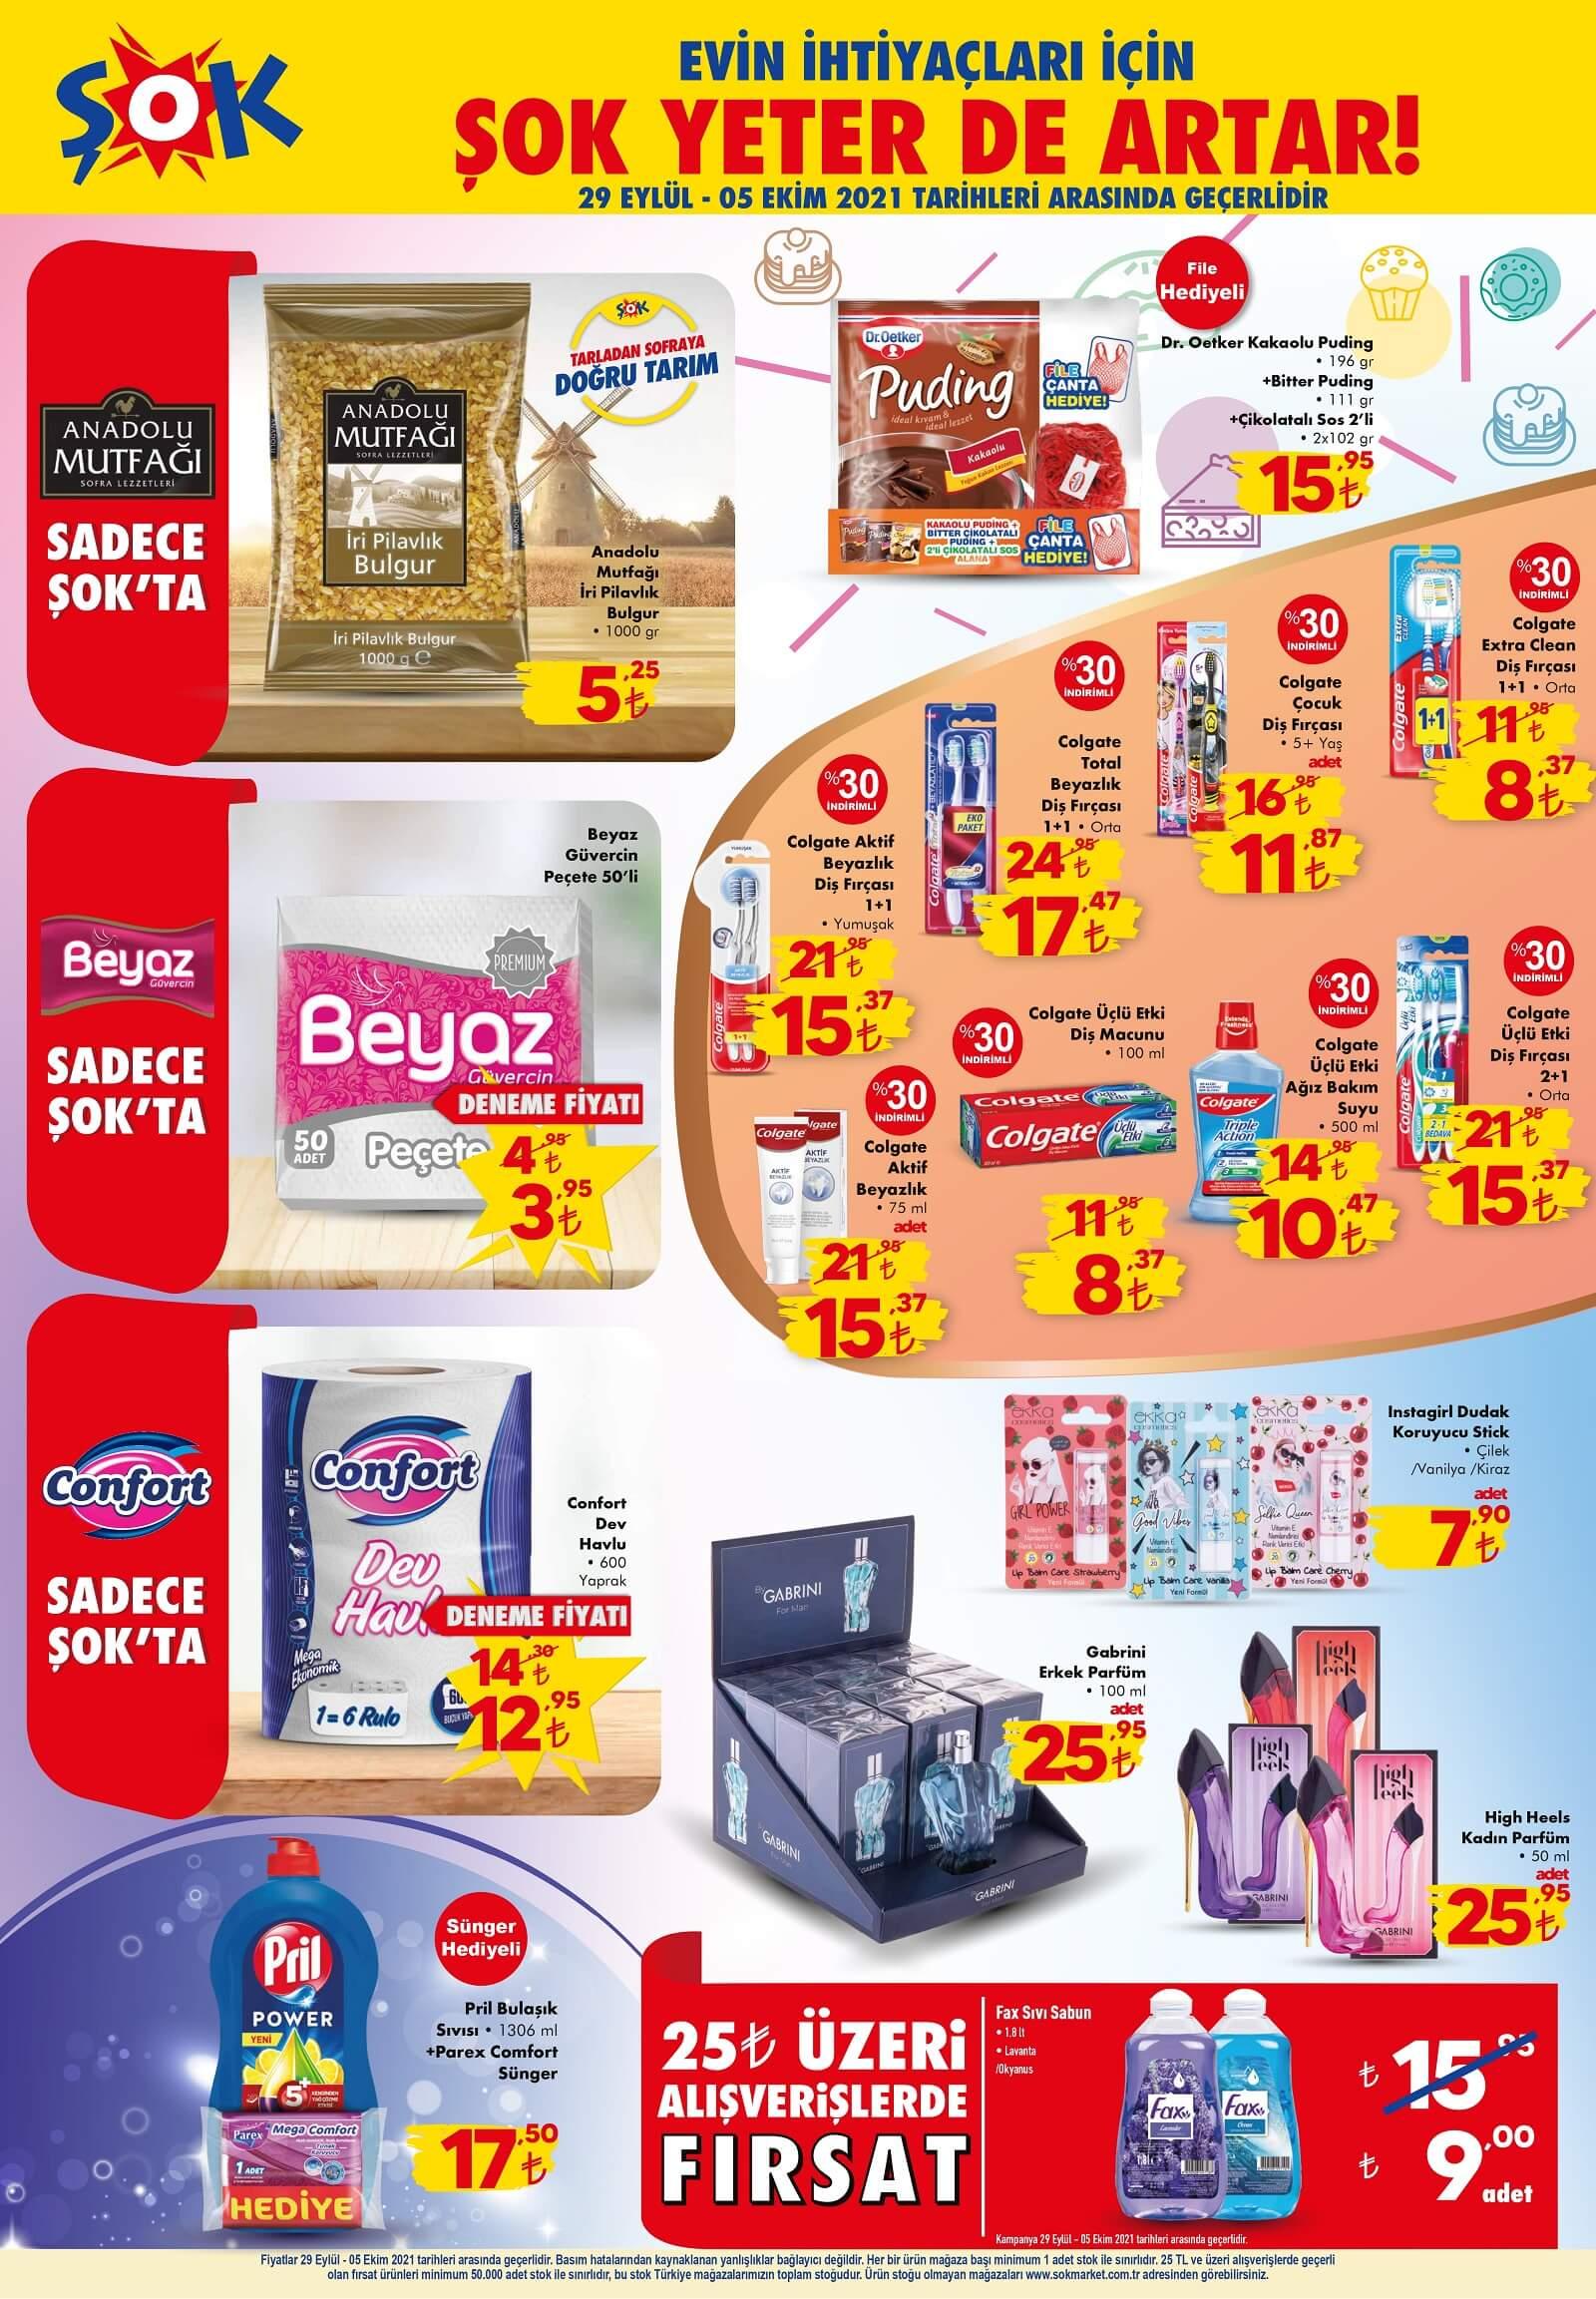 ŞOK Market 29 Eylül 5 Ekim Aktüel Kataloğu Yayınlandı